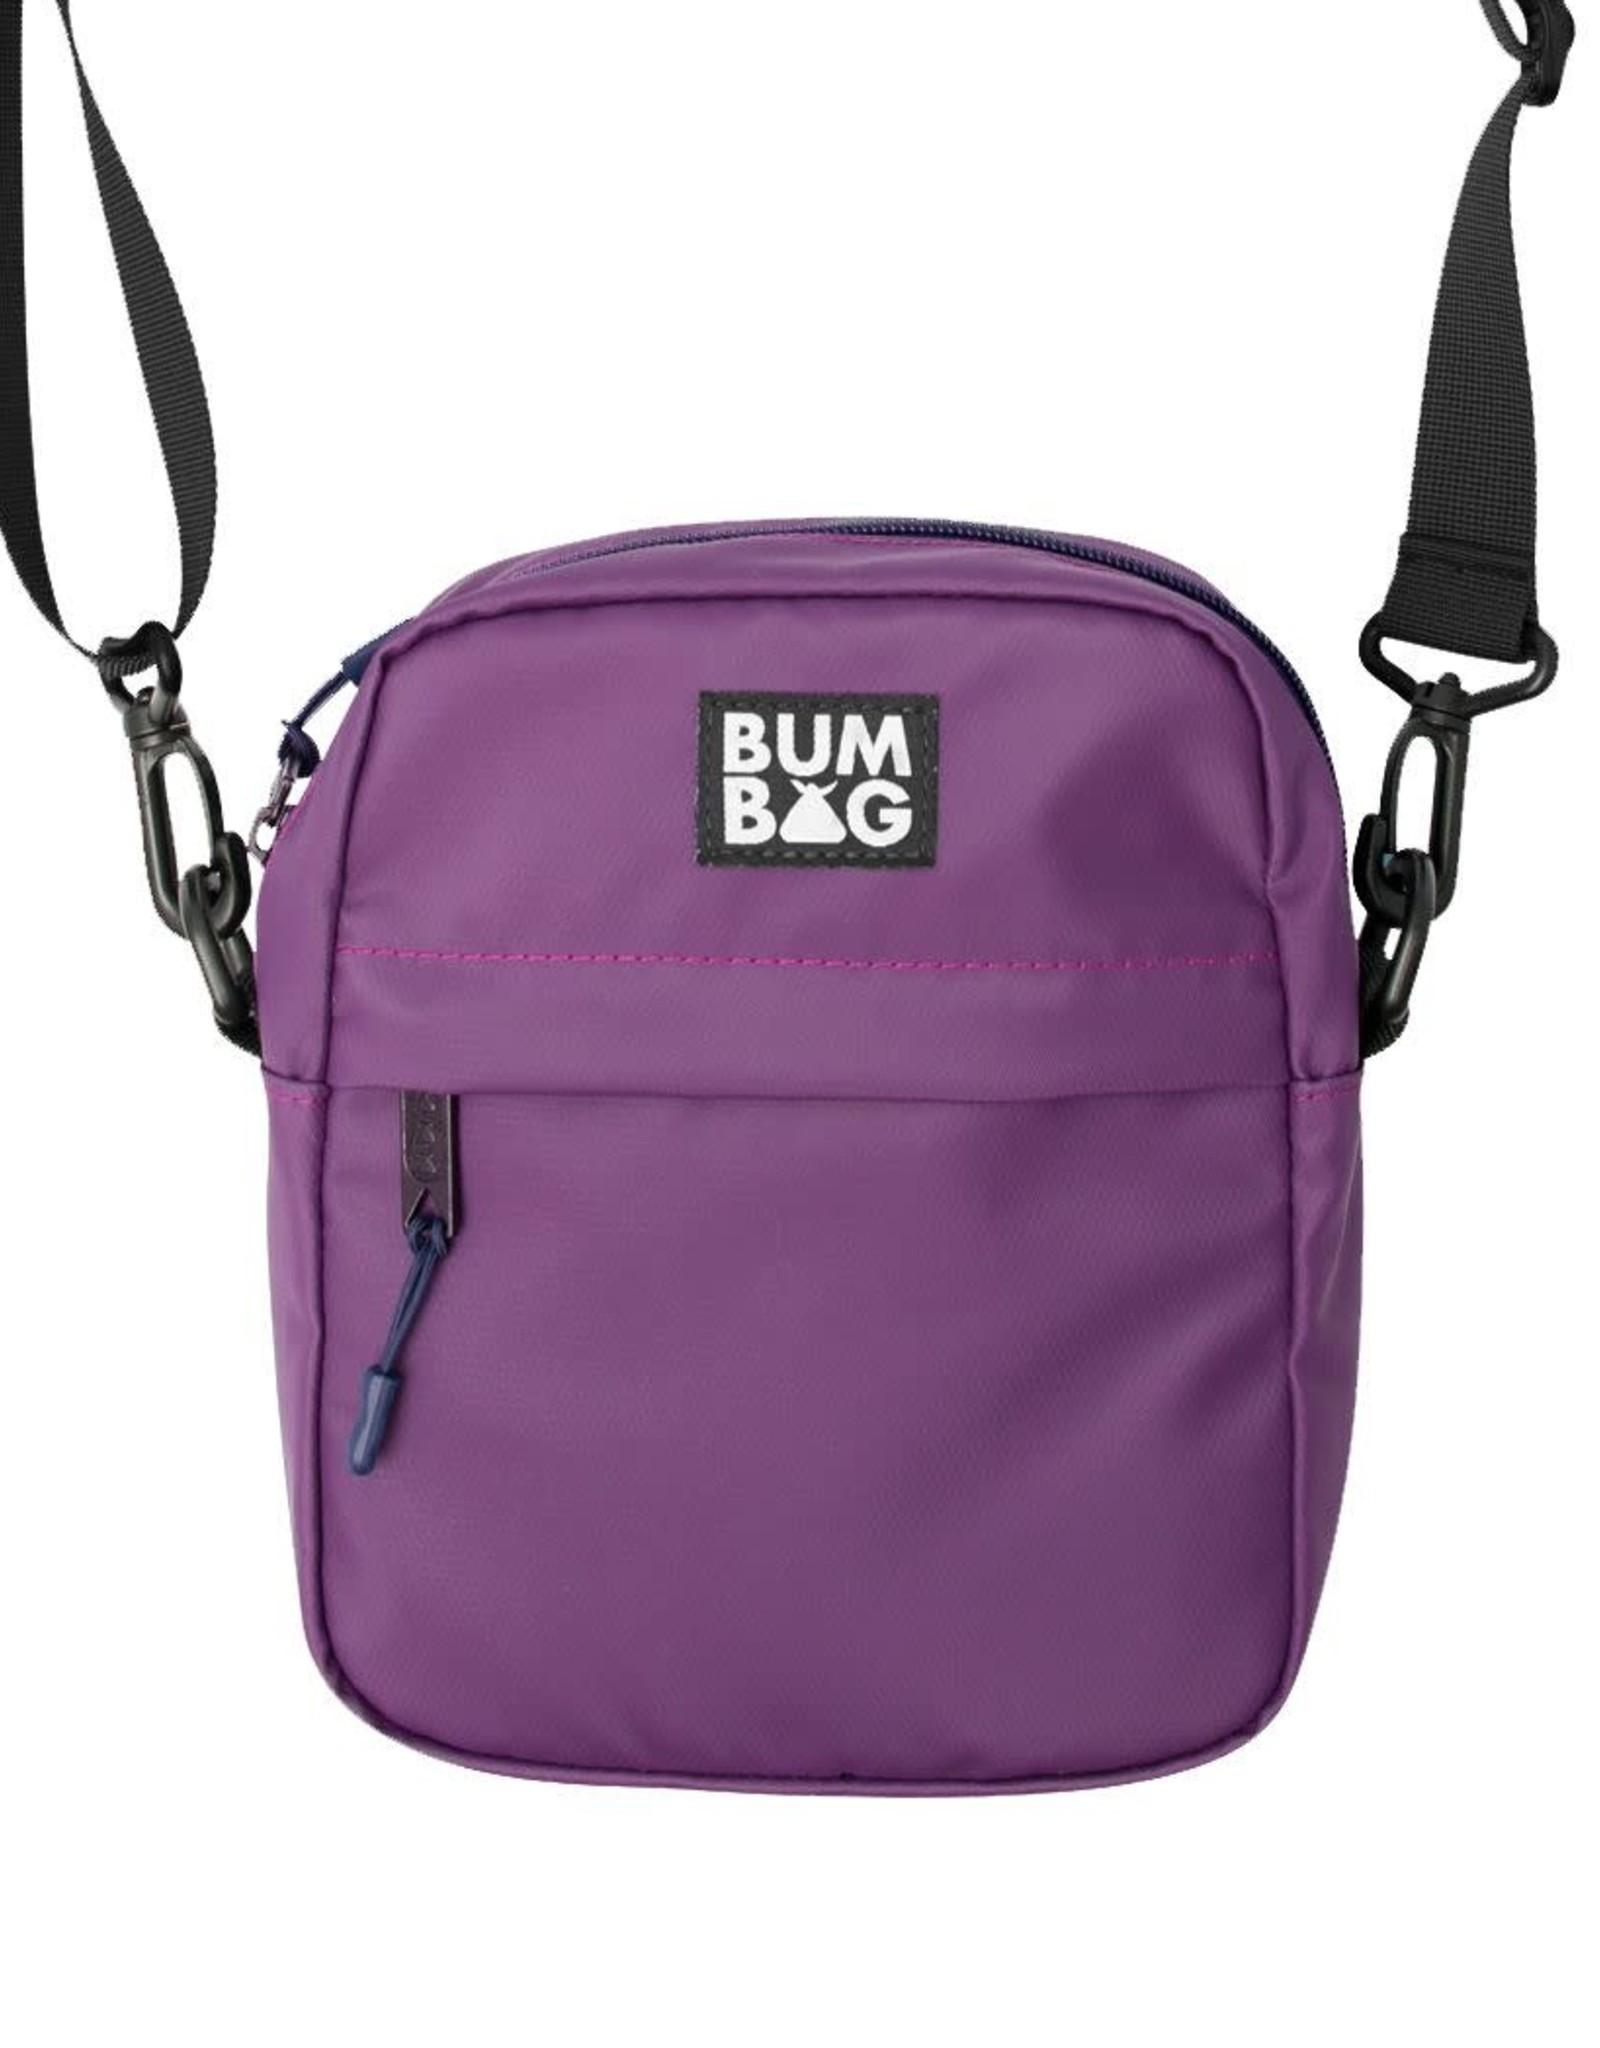 BUMBAG BUMBAG XL MATRIX COMPACT SHOULDER BAG PRPL